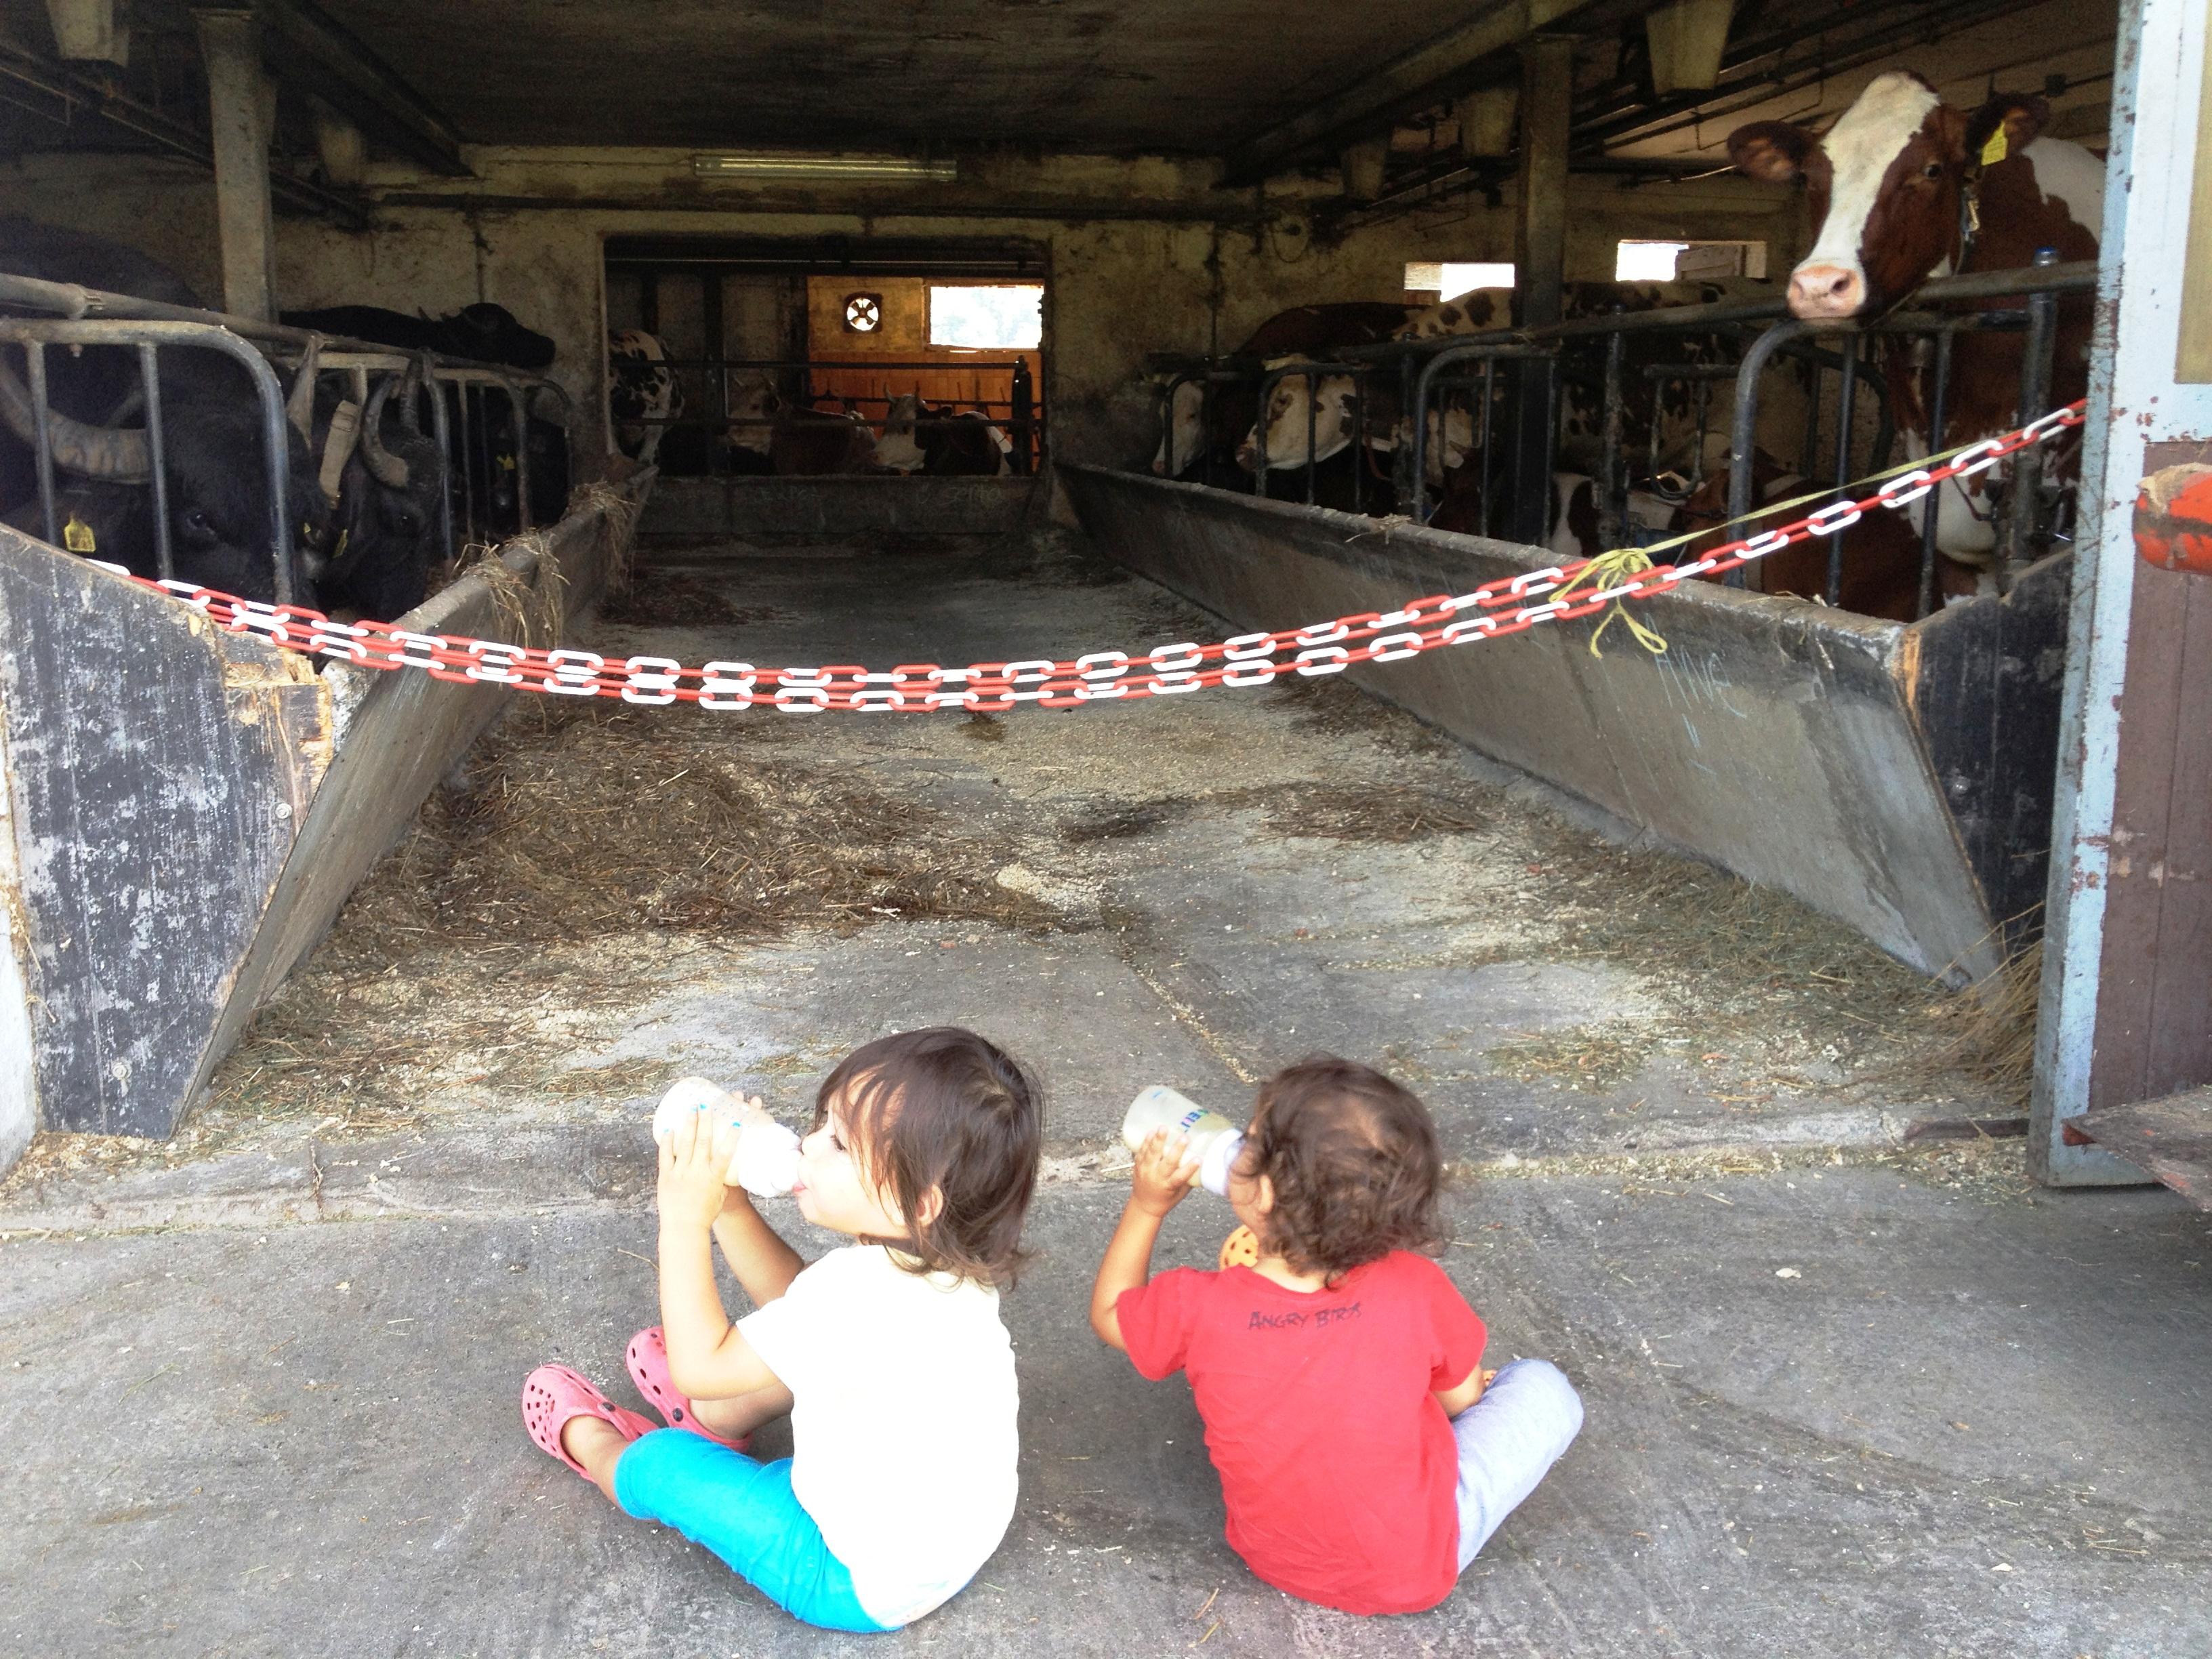 milchkonsum direkt aus dem milchautomaten unter dem strengen blick der kühe